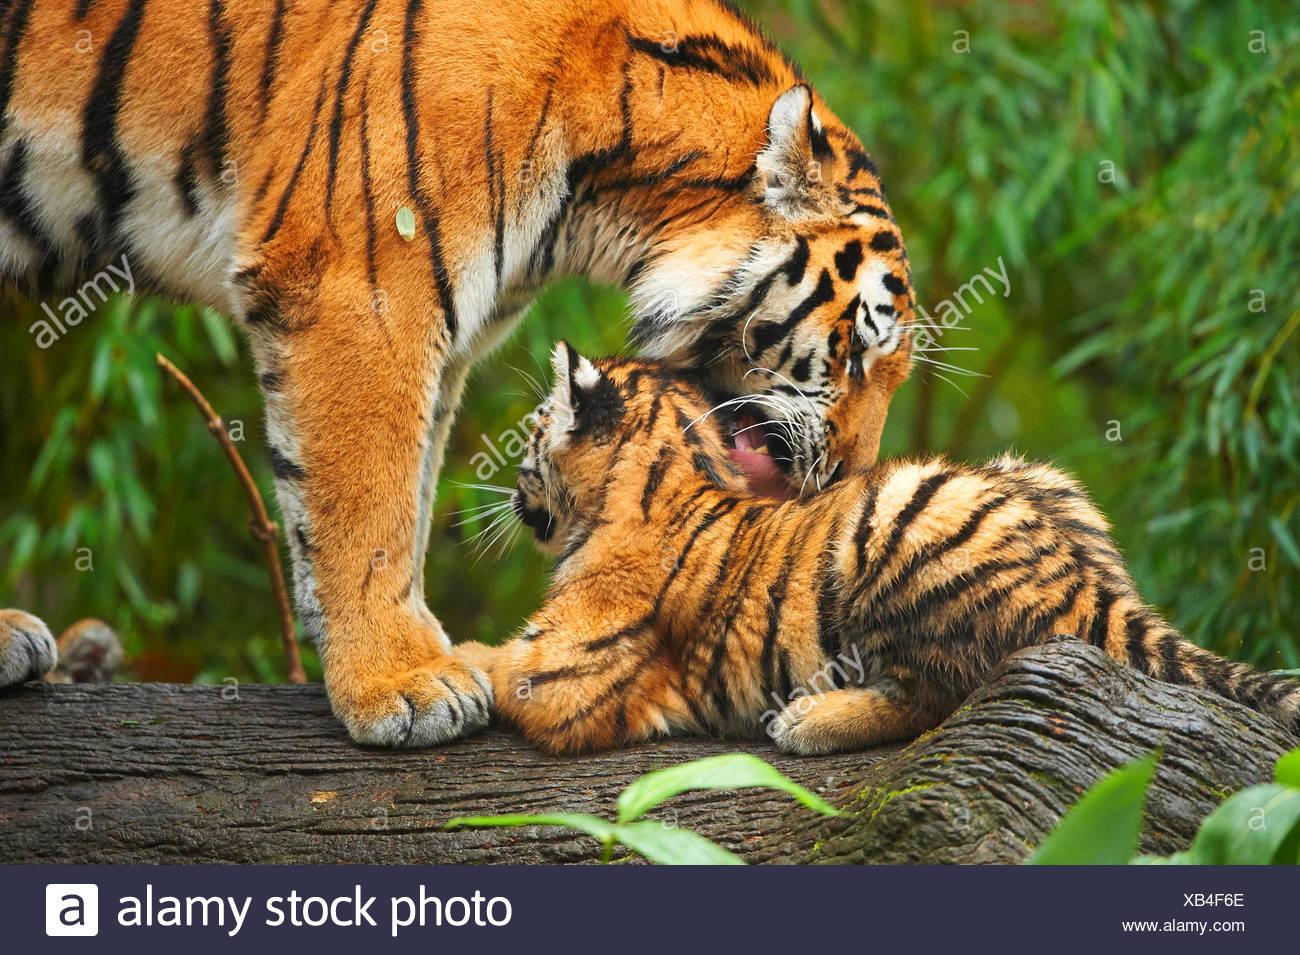 Siberian tiger, Amurian tiger (Panthera tigris altaica), tigress grooming her cub Stock Photo